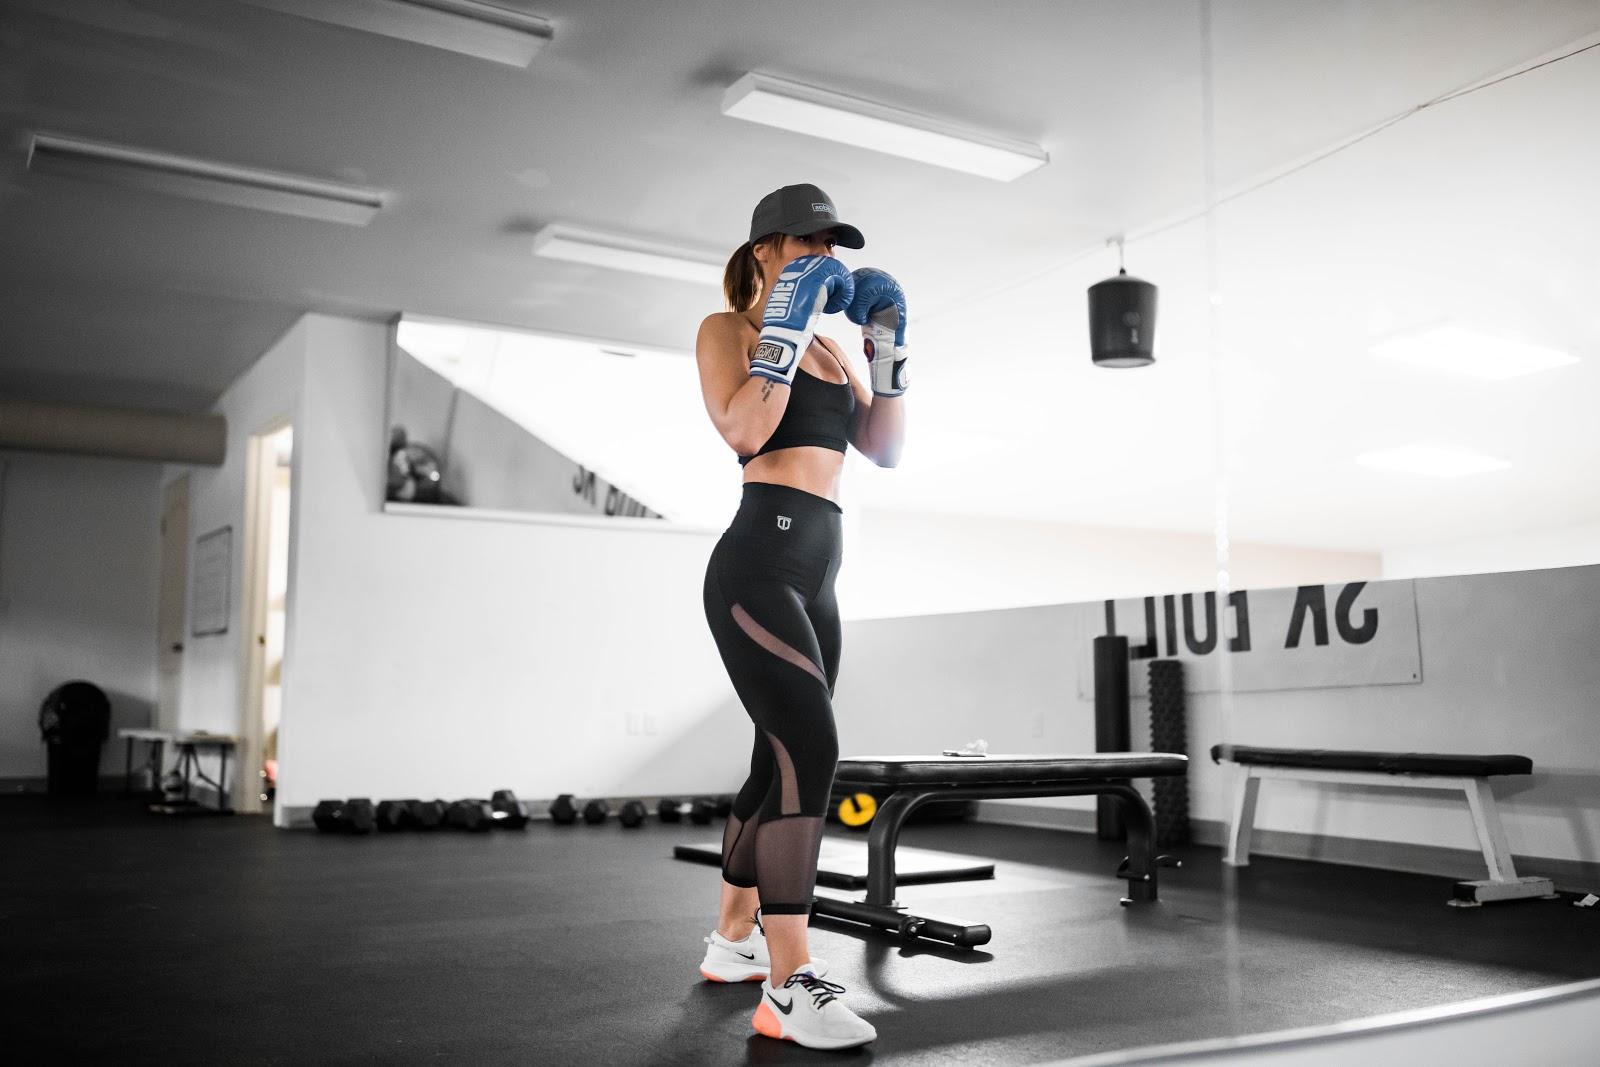 為什麼身材總無法維持?解開多數減重飲食法一年後失效之謎!